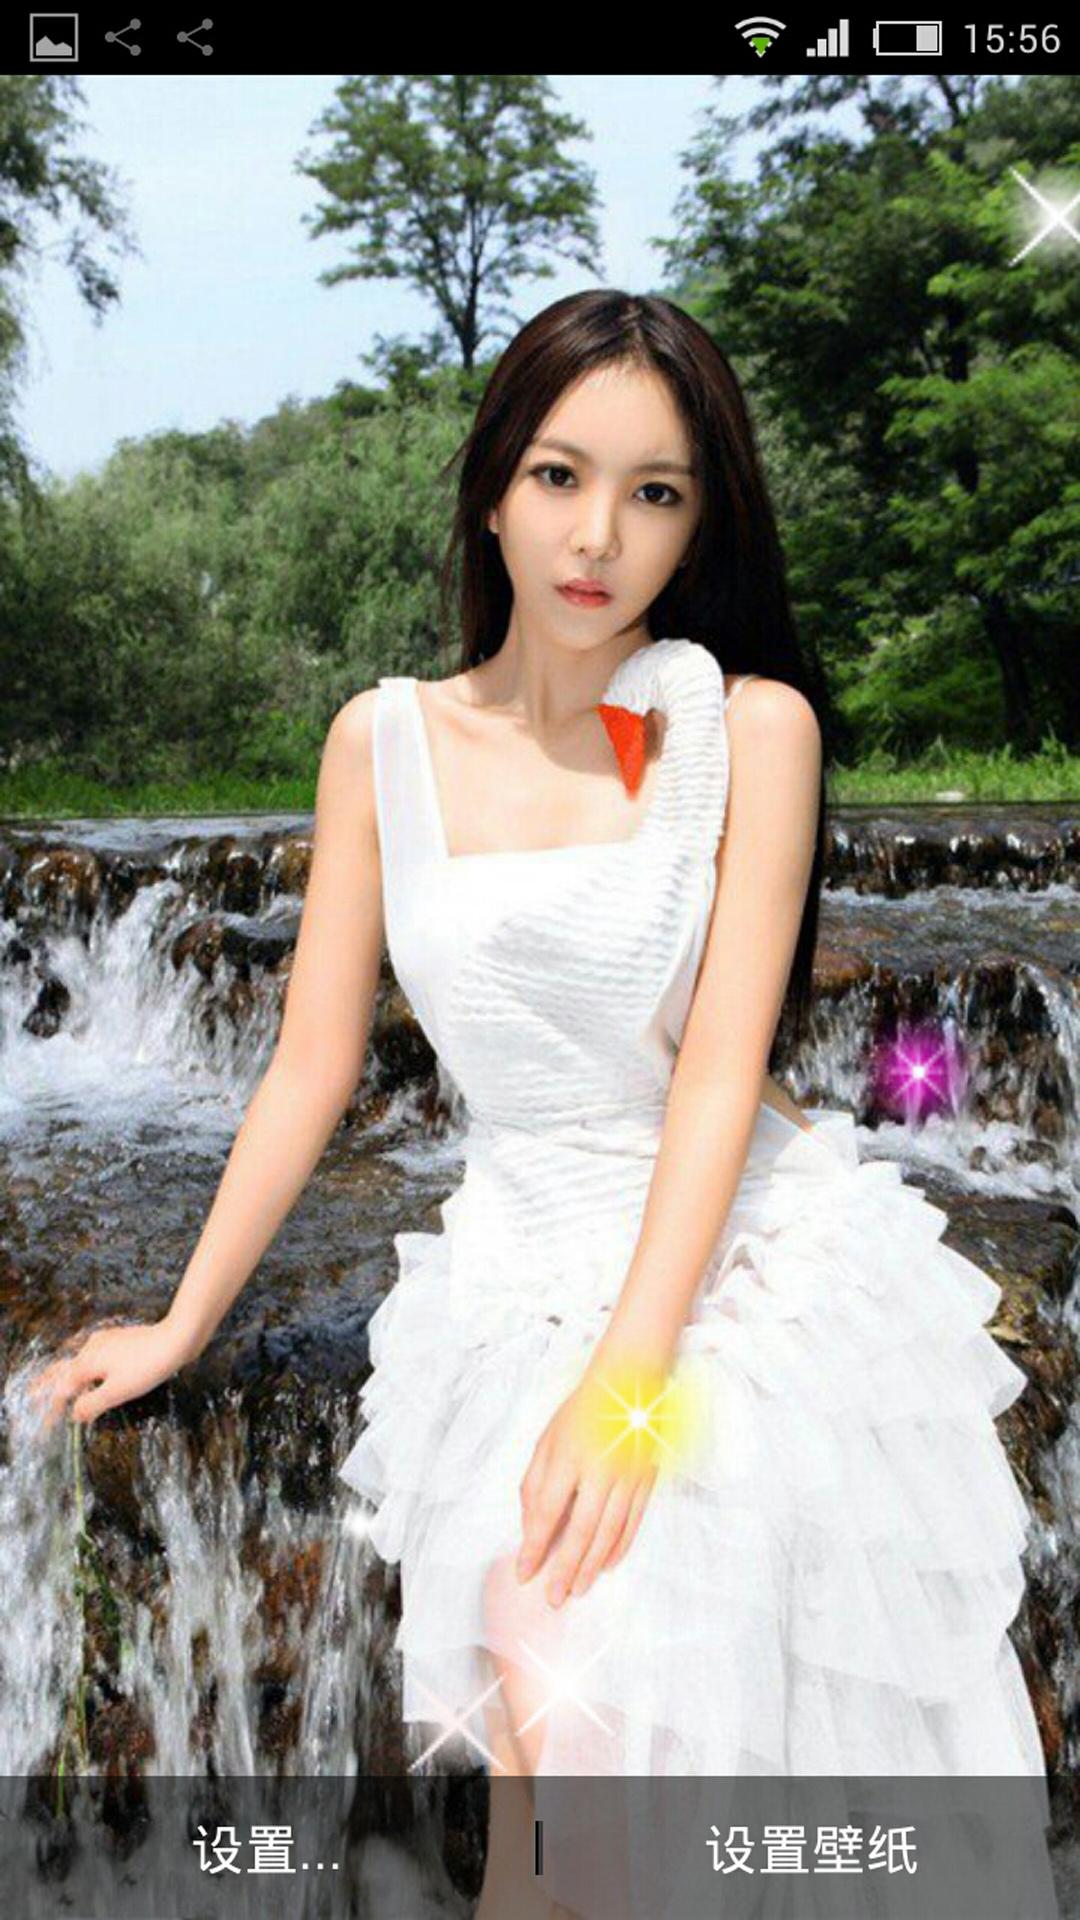 长裙可爱美女动态壁纸下载